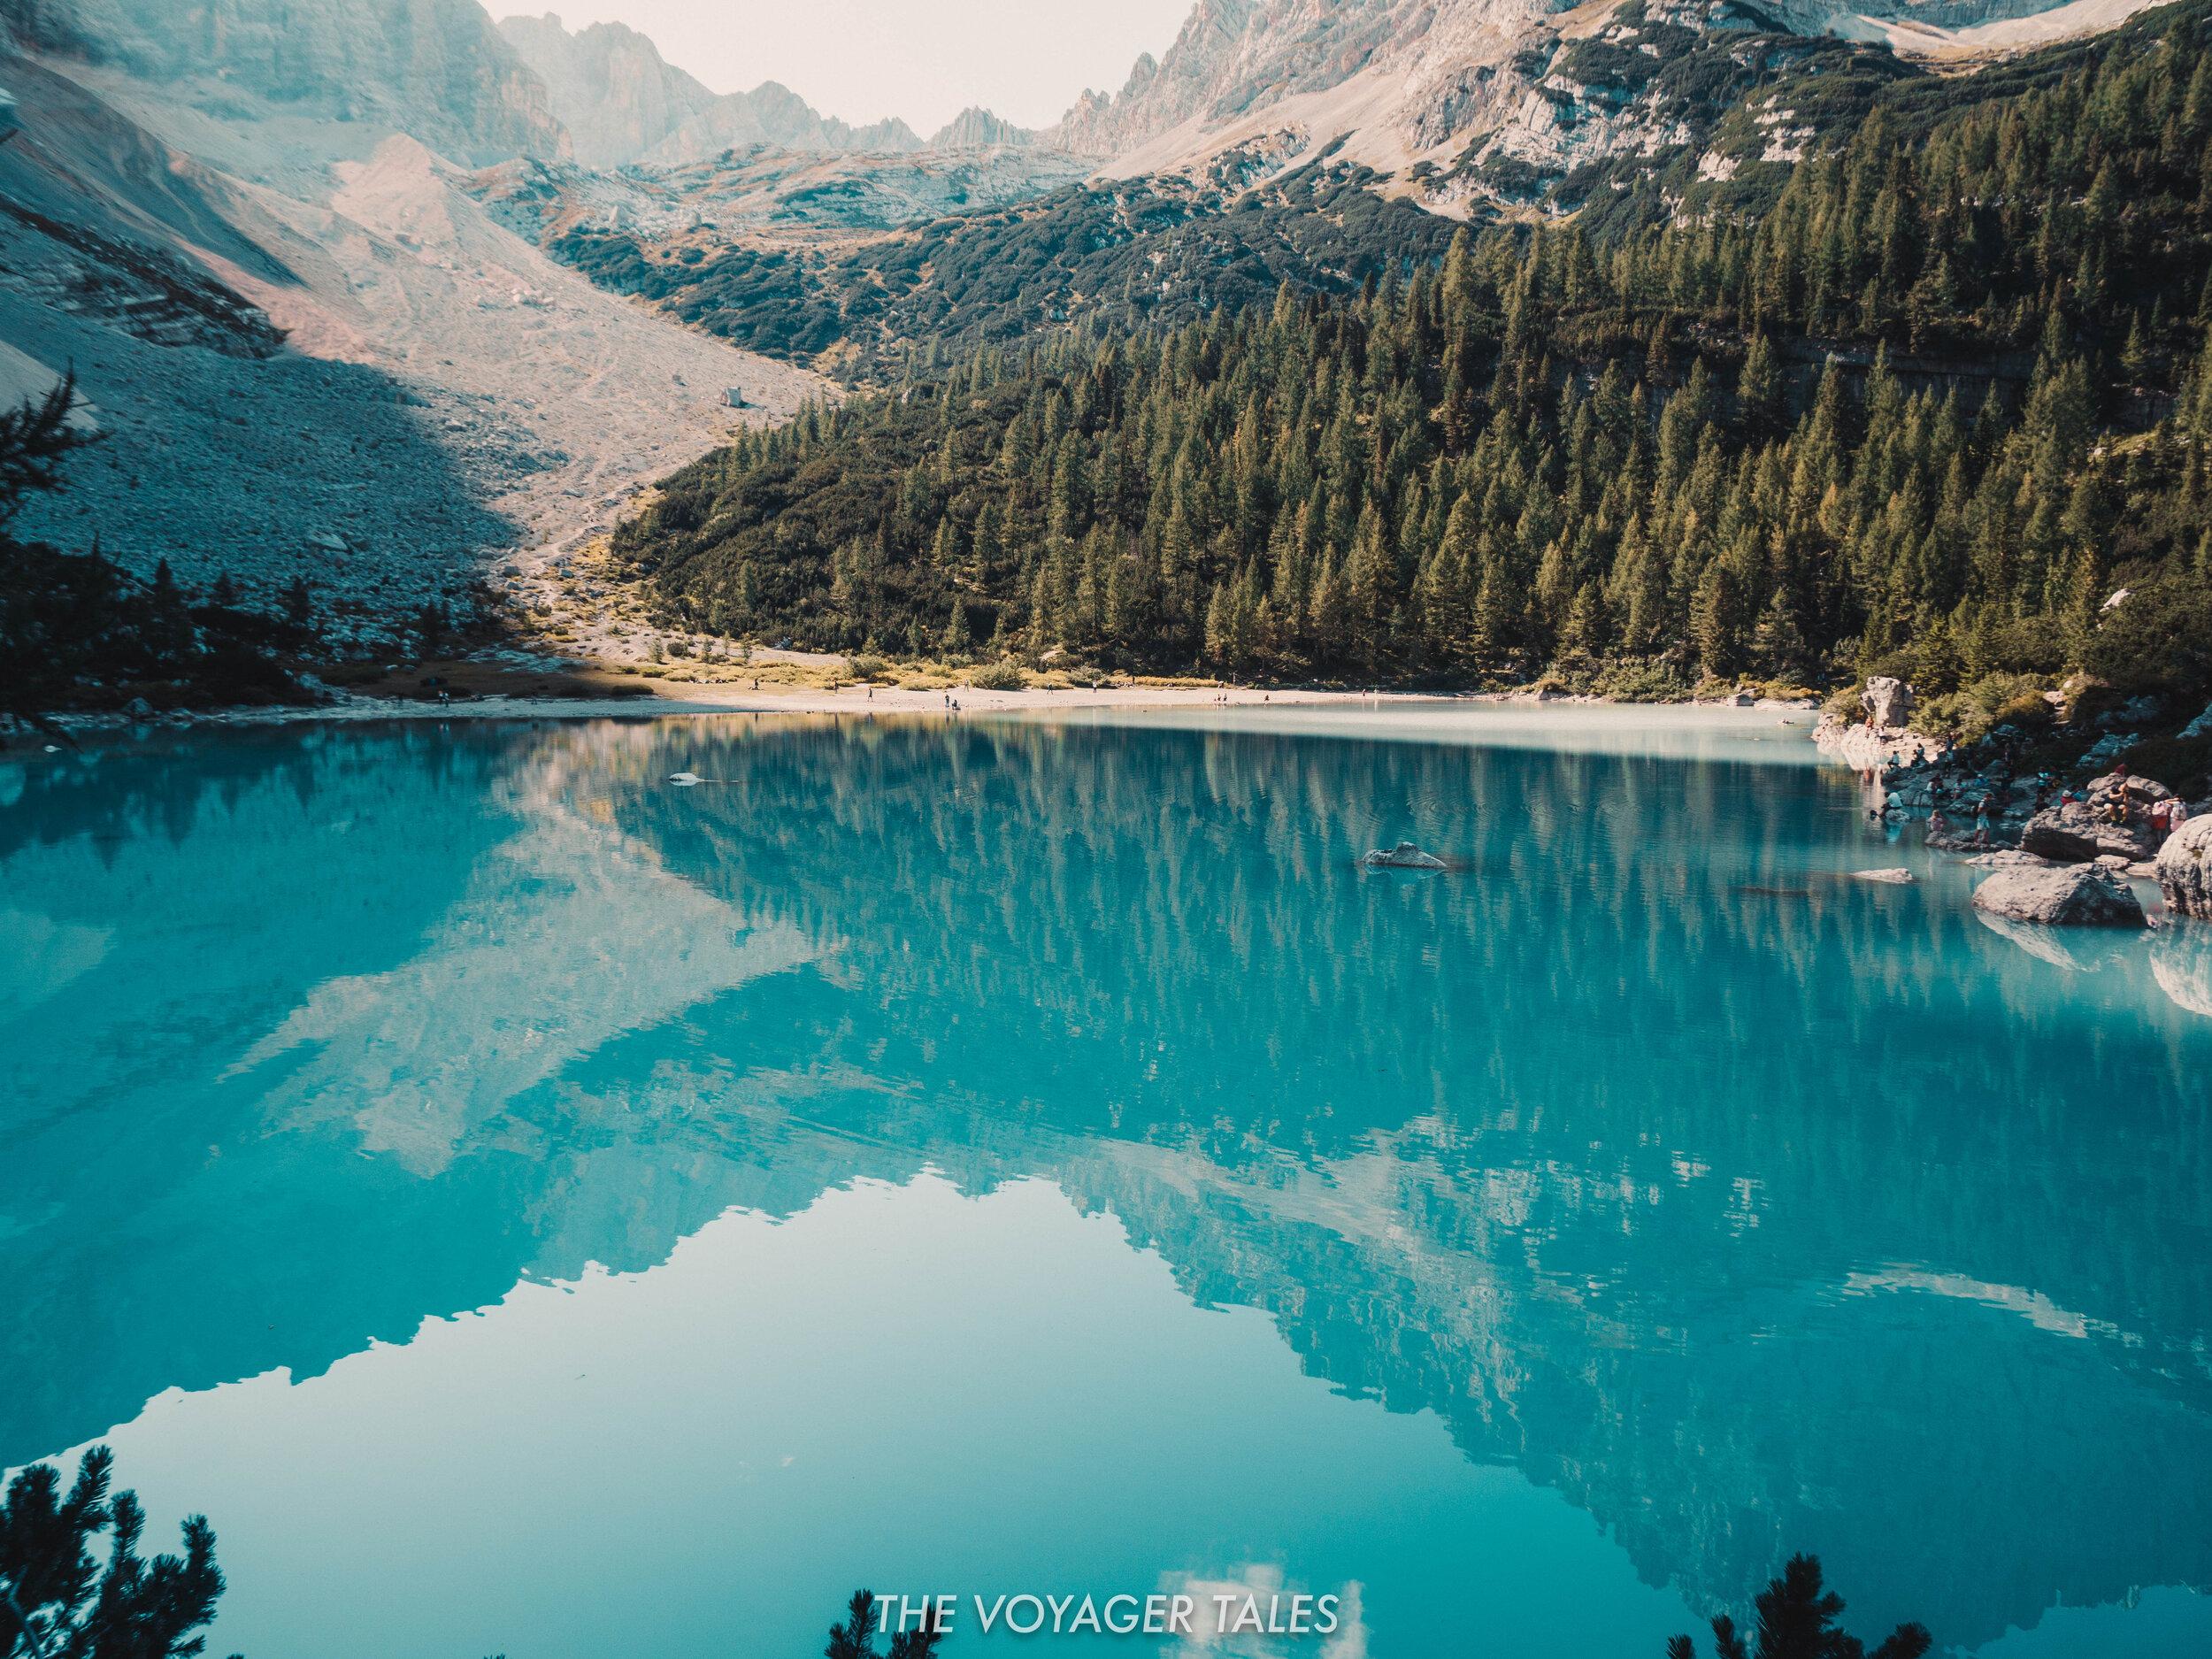 Lago di Sorapis, the Dolomites